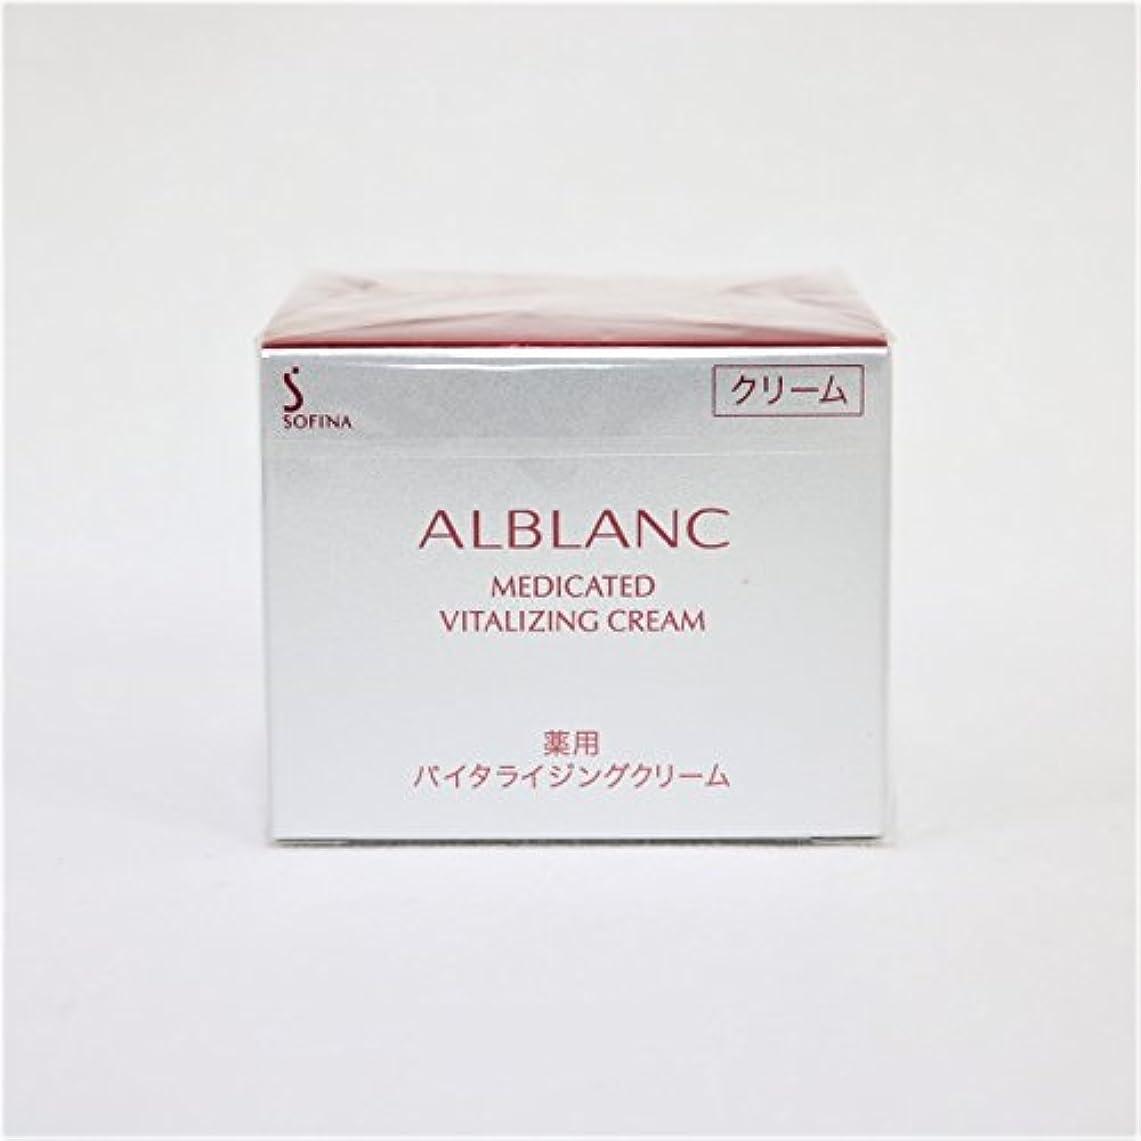 行政勇気のあるポテトソフィーナ アルブラン 薬用バイタライジングクリーム 40g